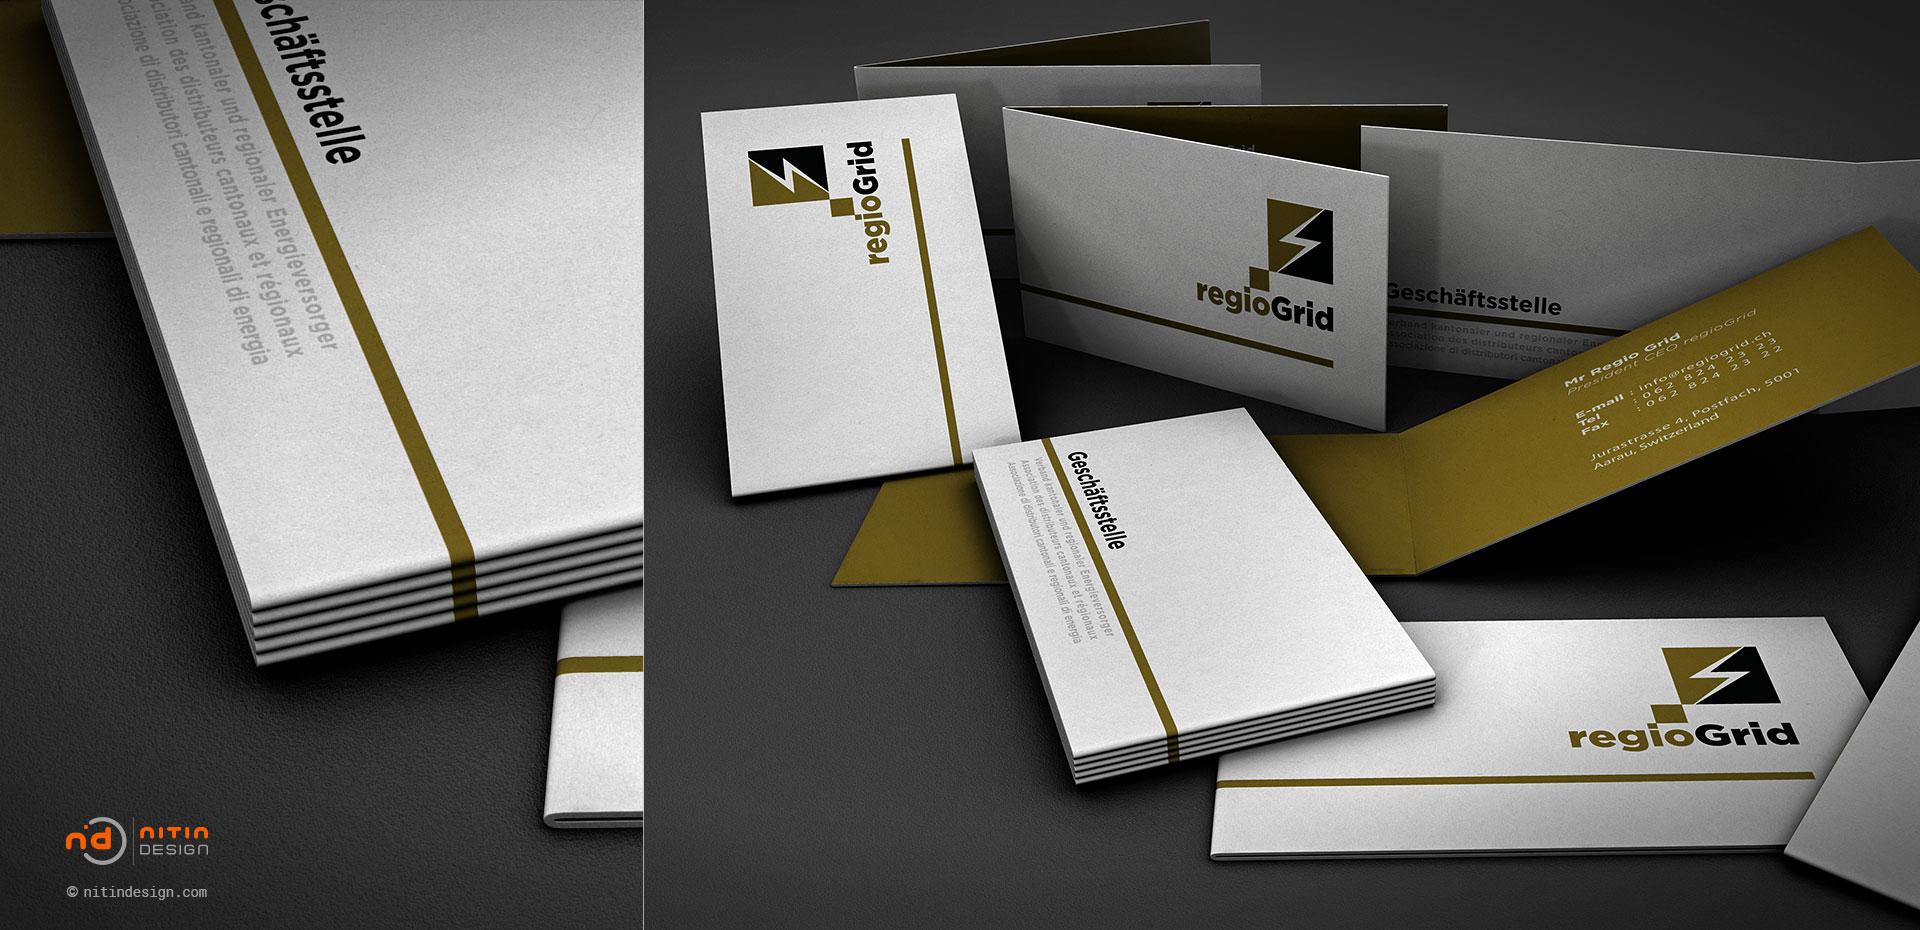 regioGrid-Nitin-Design